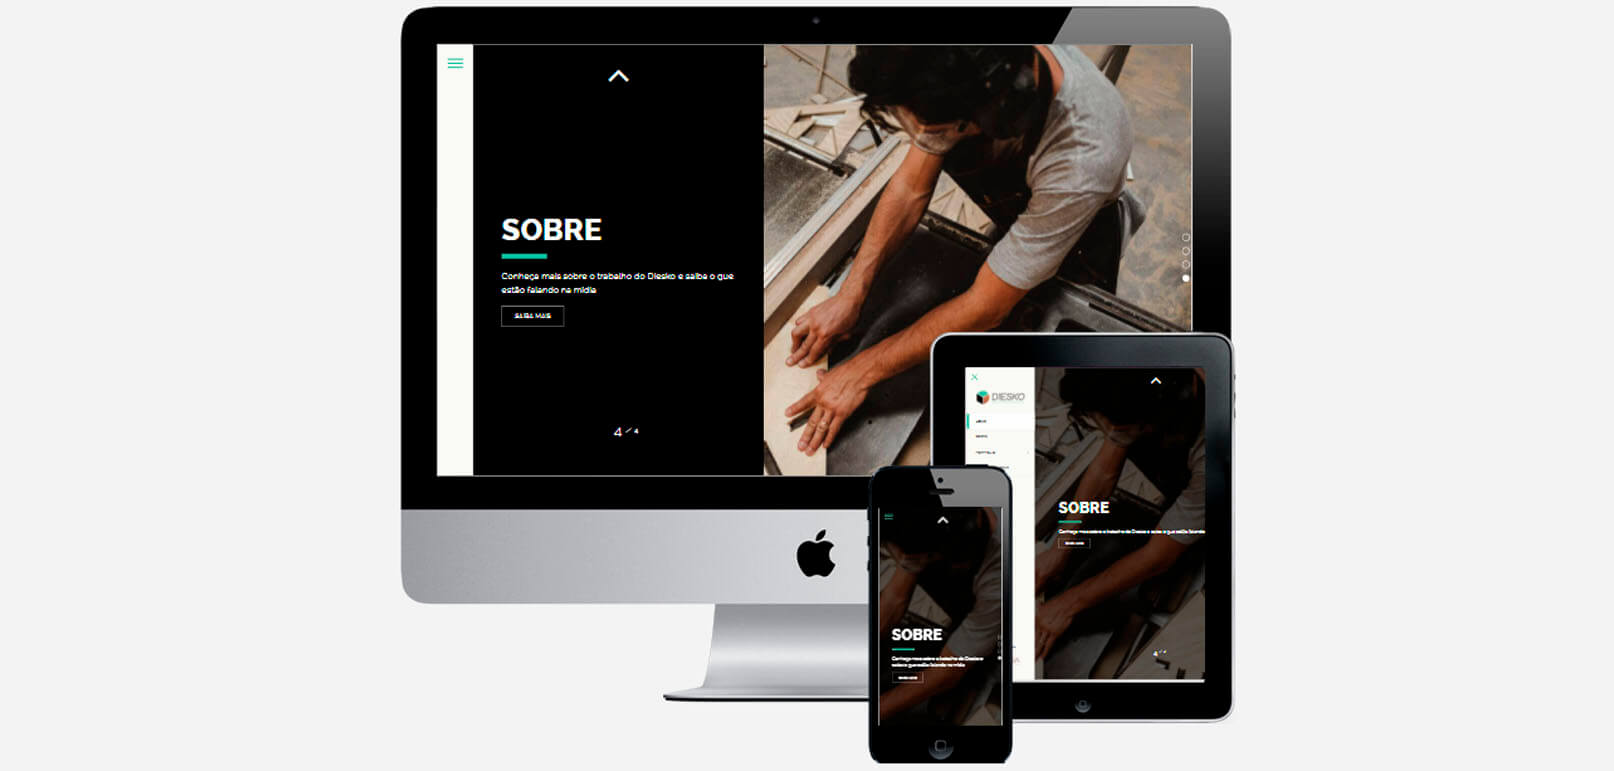 Diesko - Móveis, Arte e Design